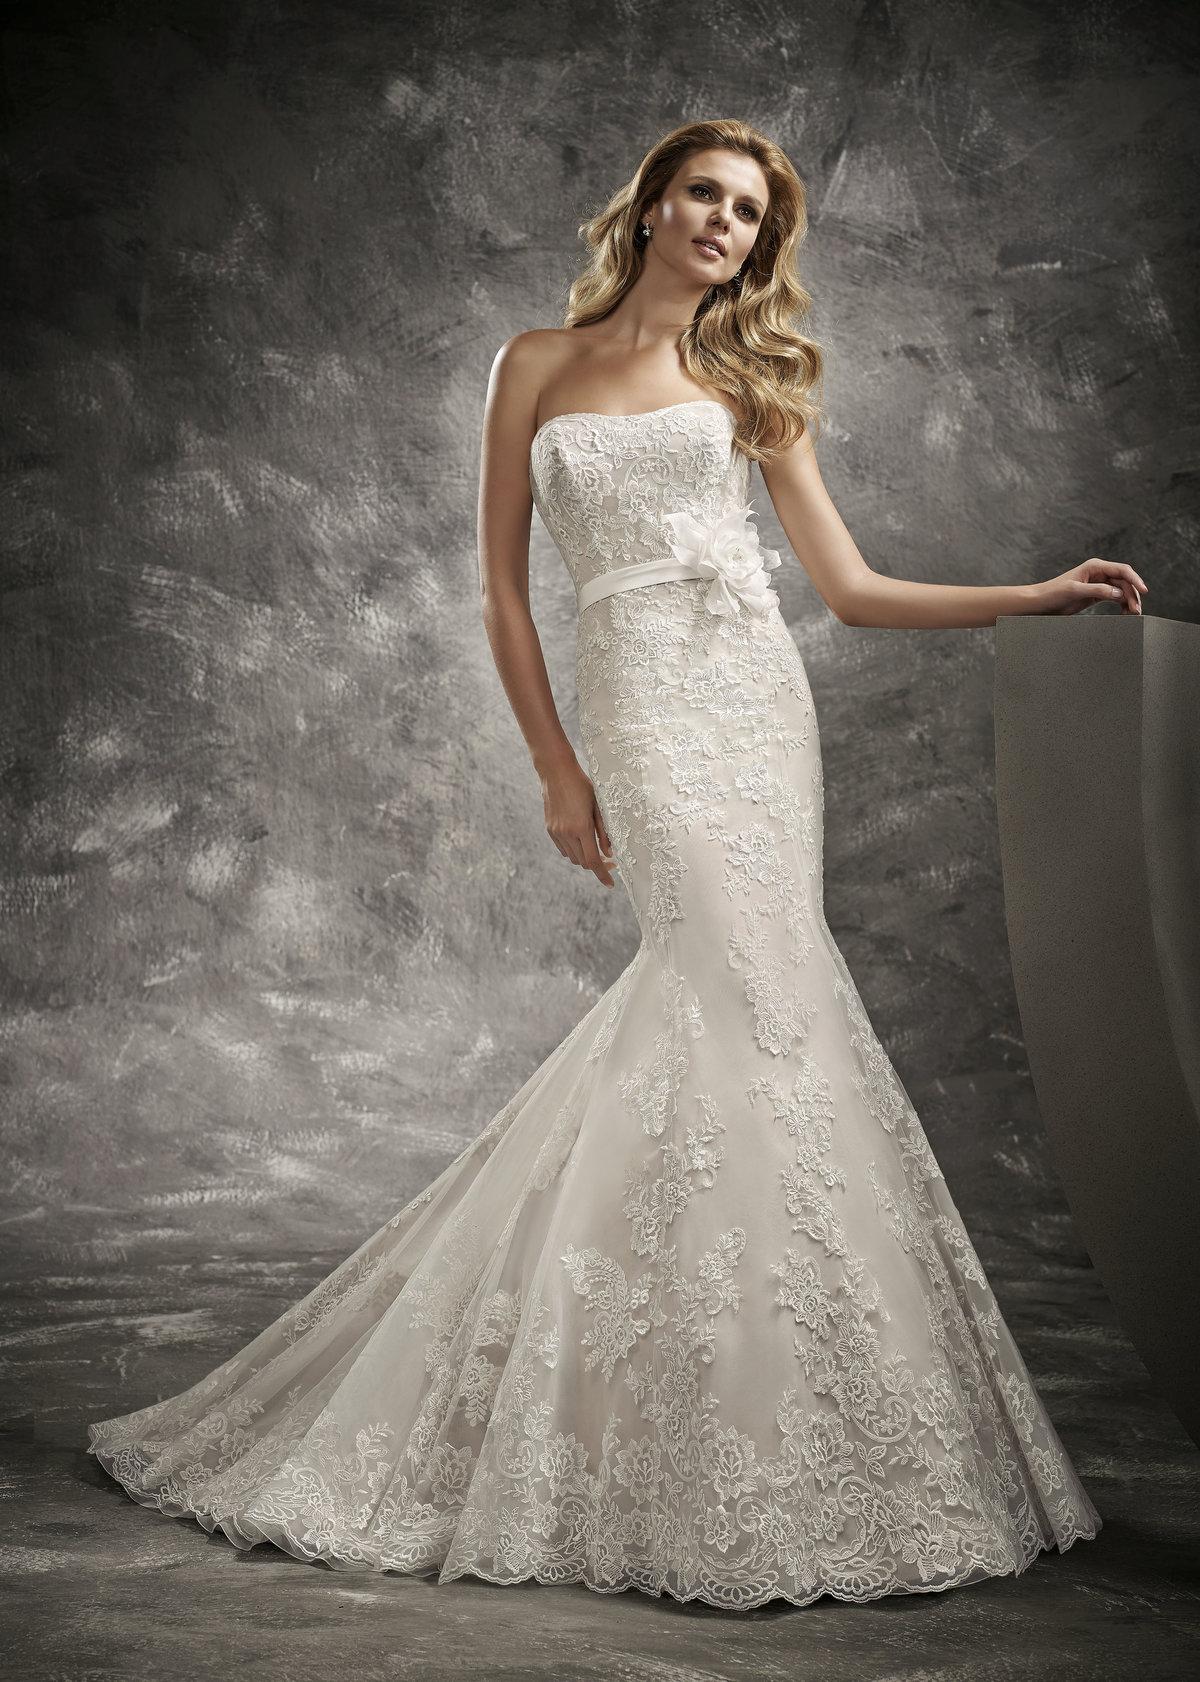 последствий картинки эксклюзивные свадебные платья то, что